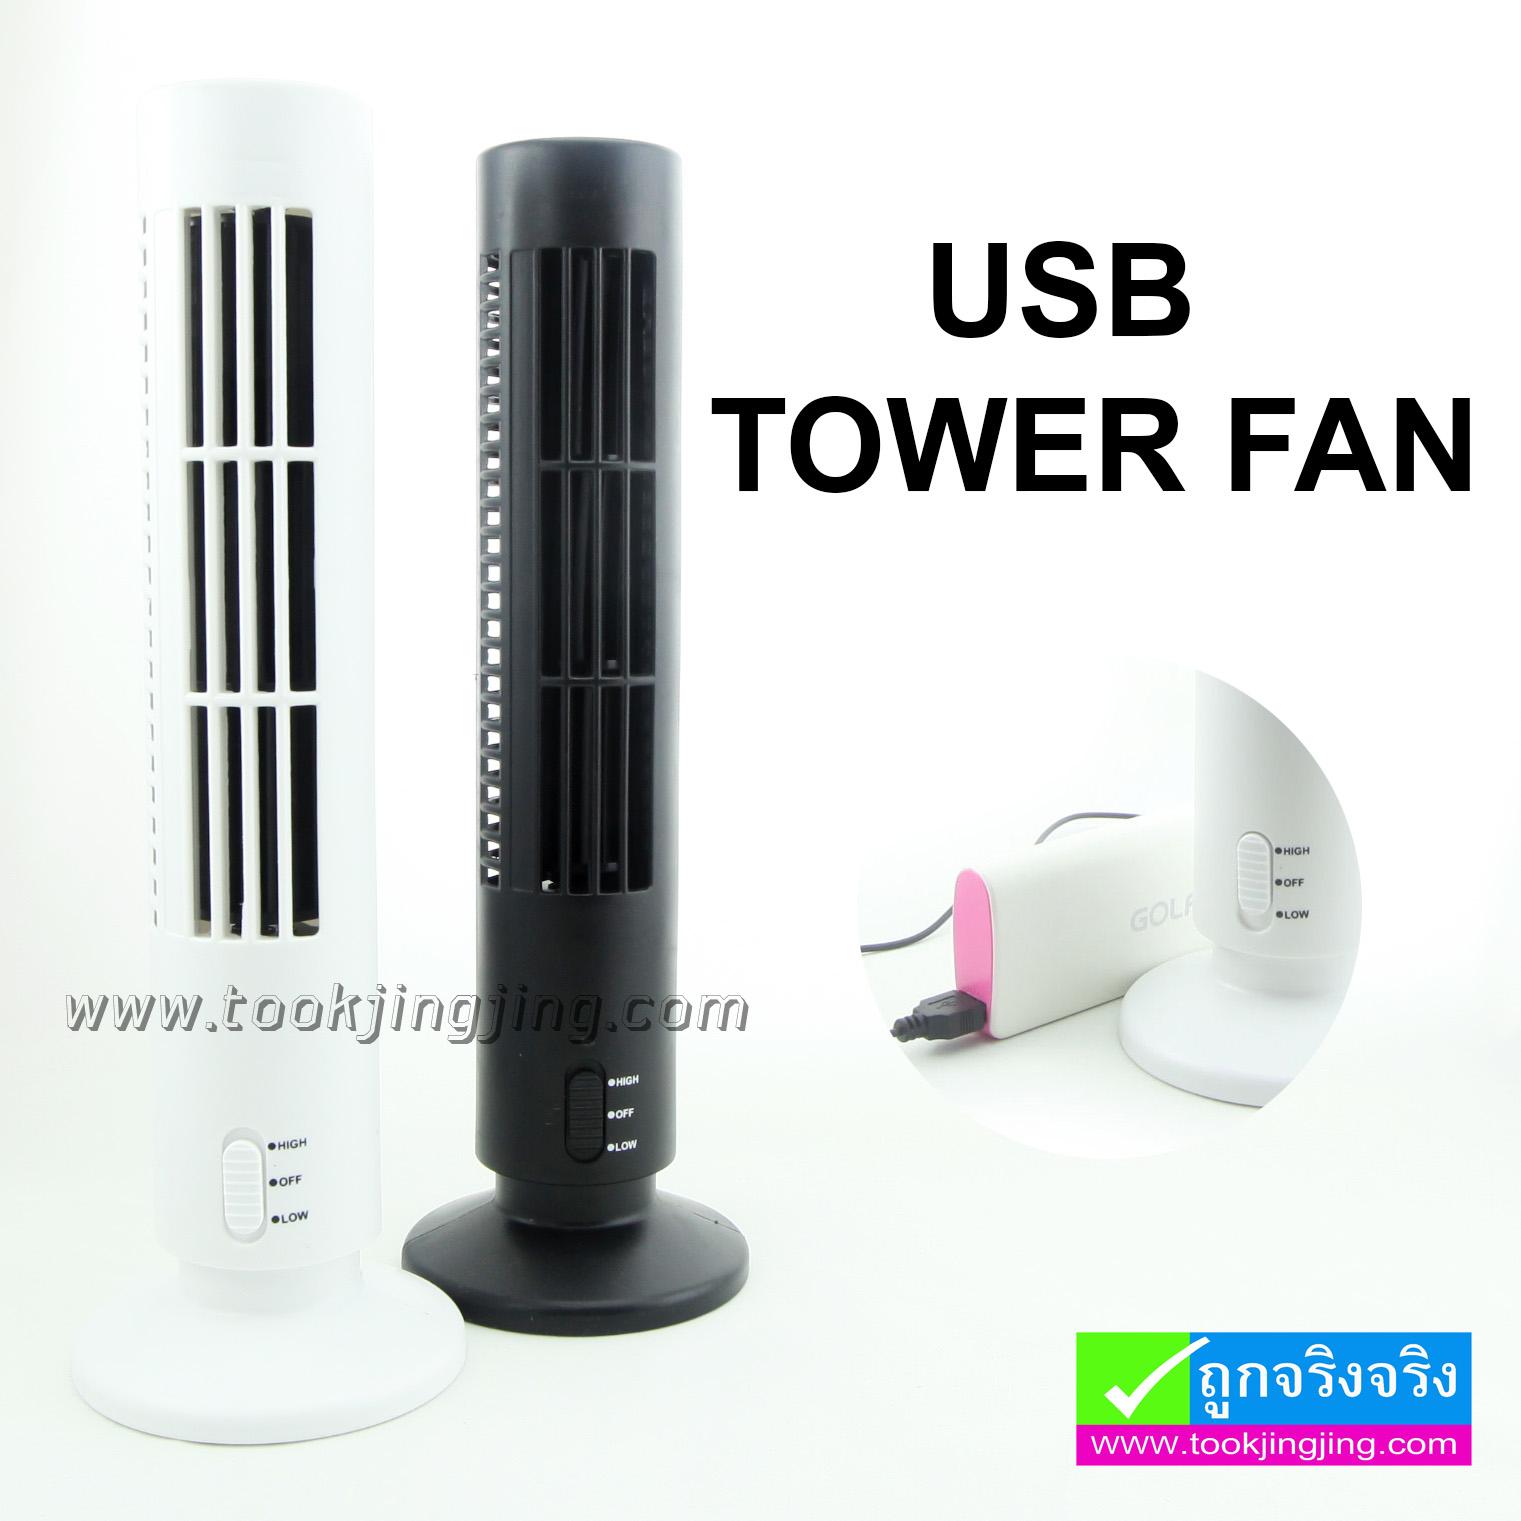 พัดลม USB TOWER FAN ลดเหลือ 250 บาท ปกติ 630 บาท